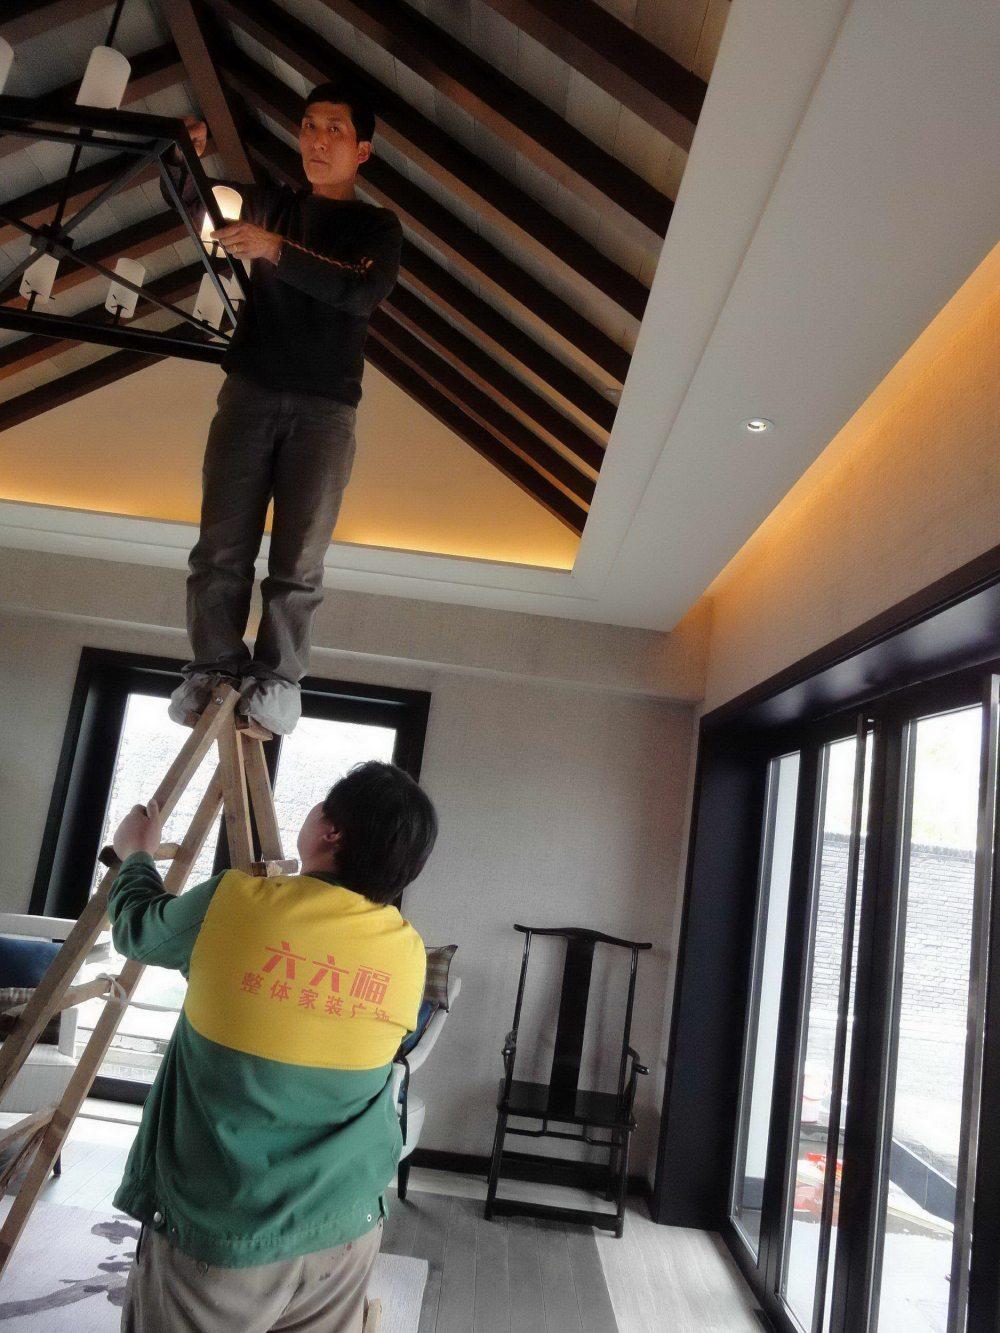 云南丽江铂尔曼渡假酒店(Lijiang Pullman Hotel)(CCD)(第8页更新)_DSC05202.jpg